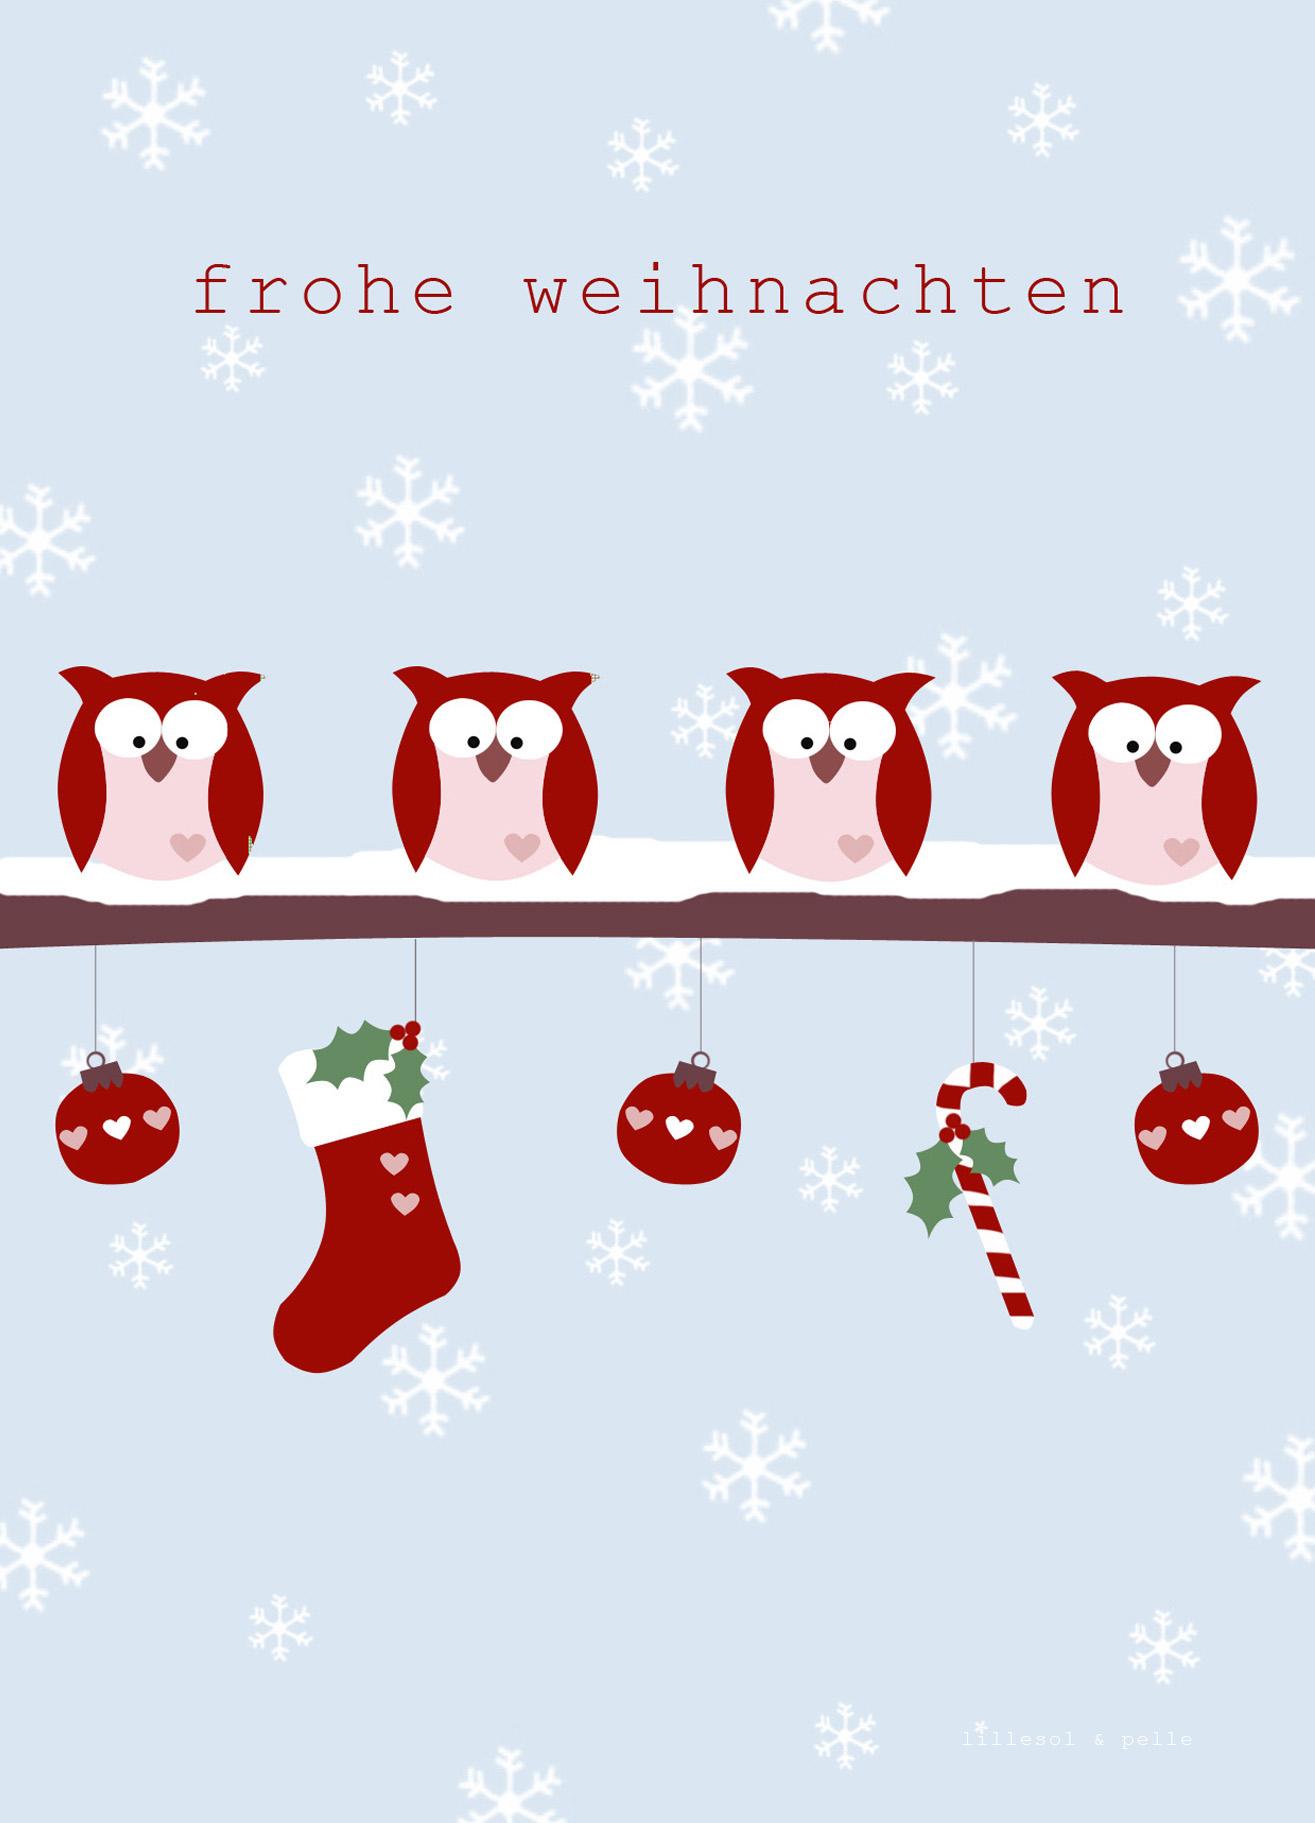 Weihnachtspostkarten Als Freebie Zum Ausdrucken Für Euch bestimmt für Weihnachtsgrüße Zum Ausdrucken